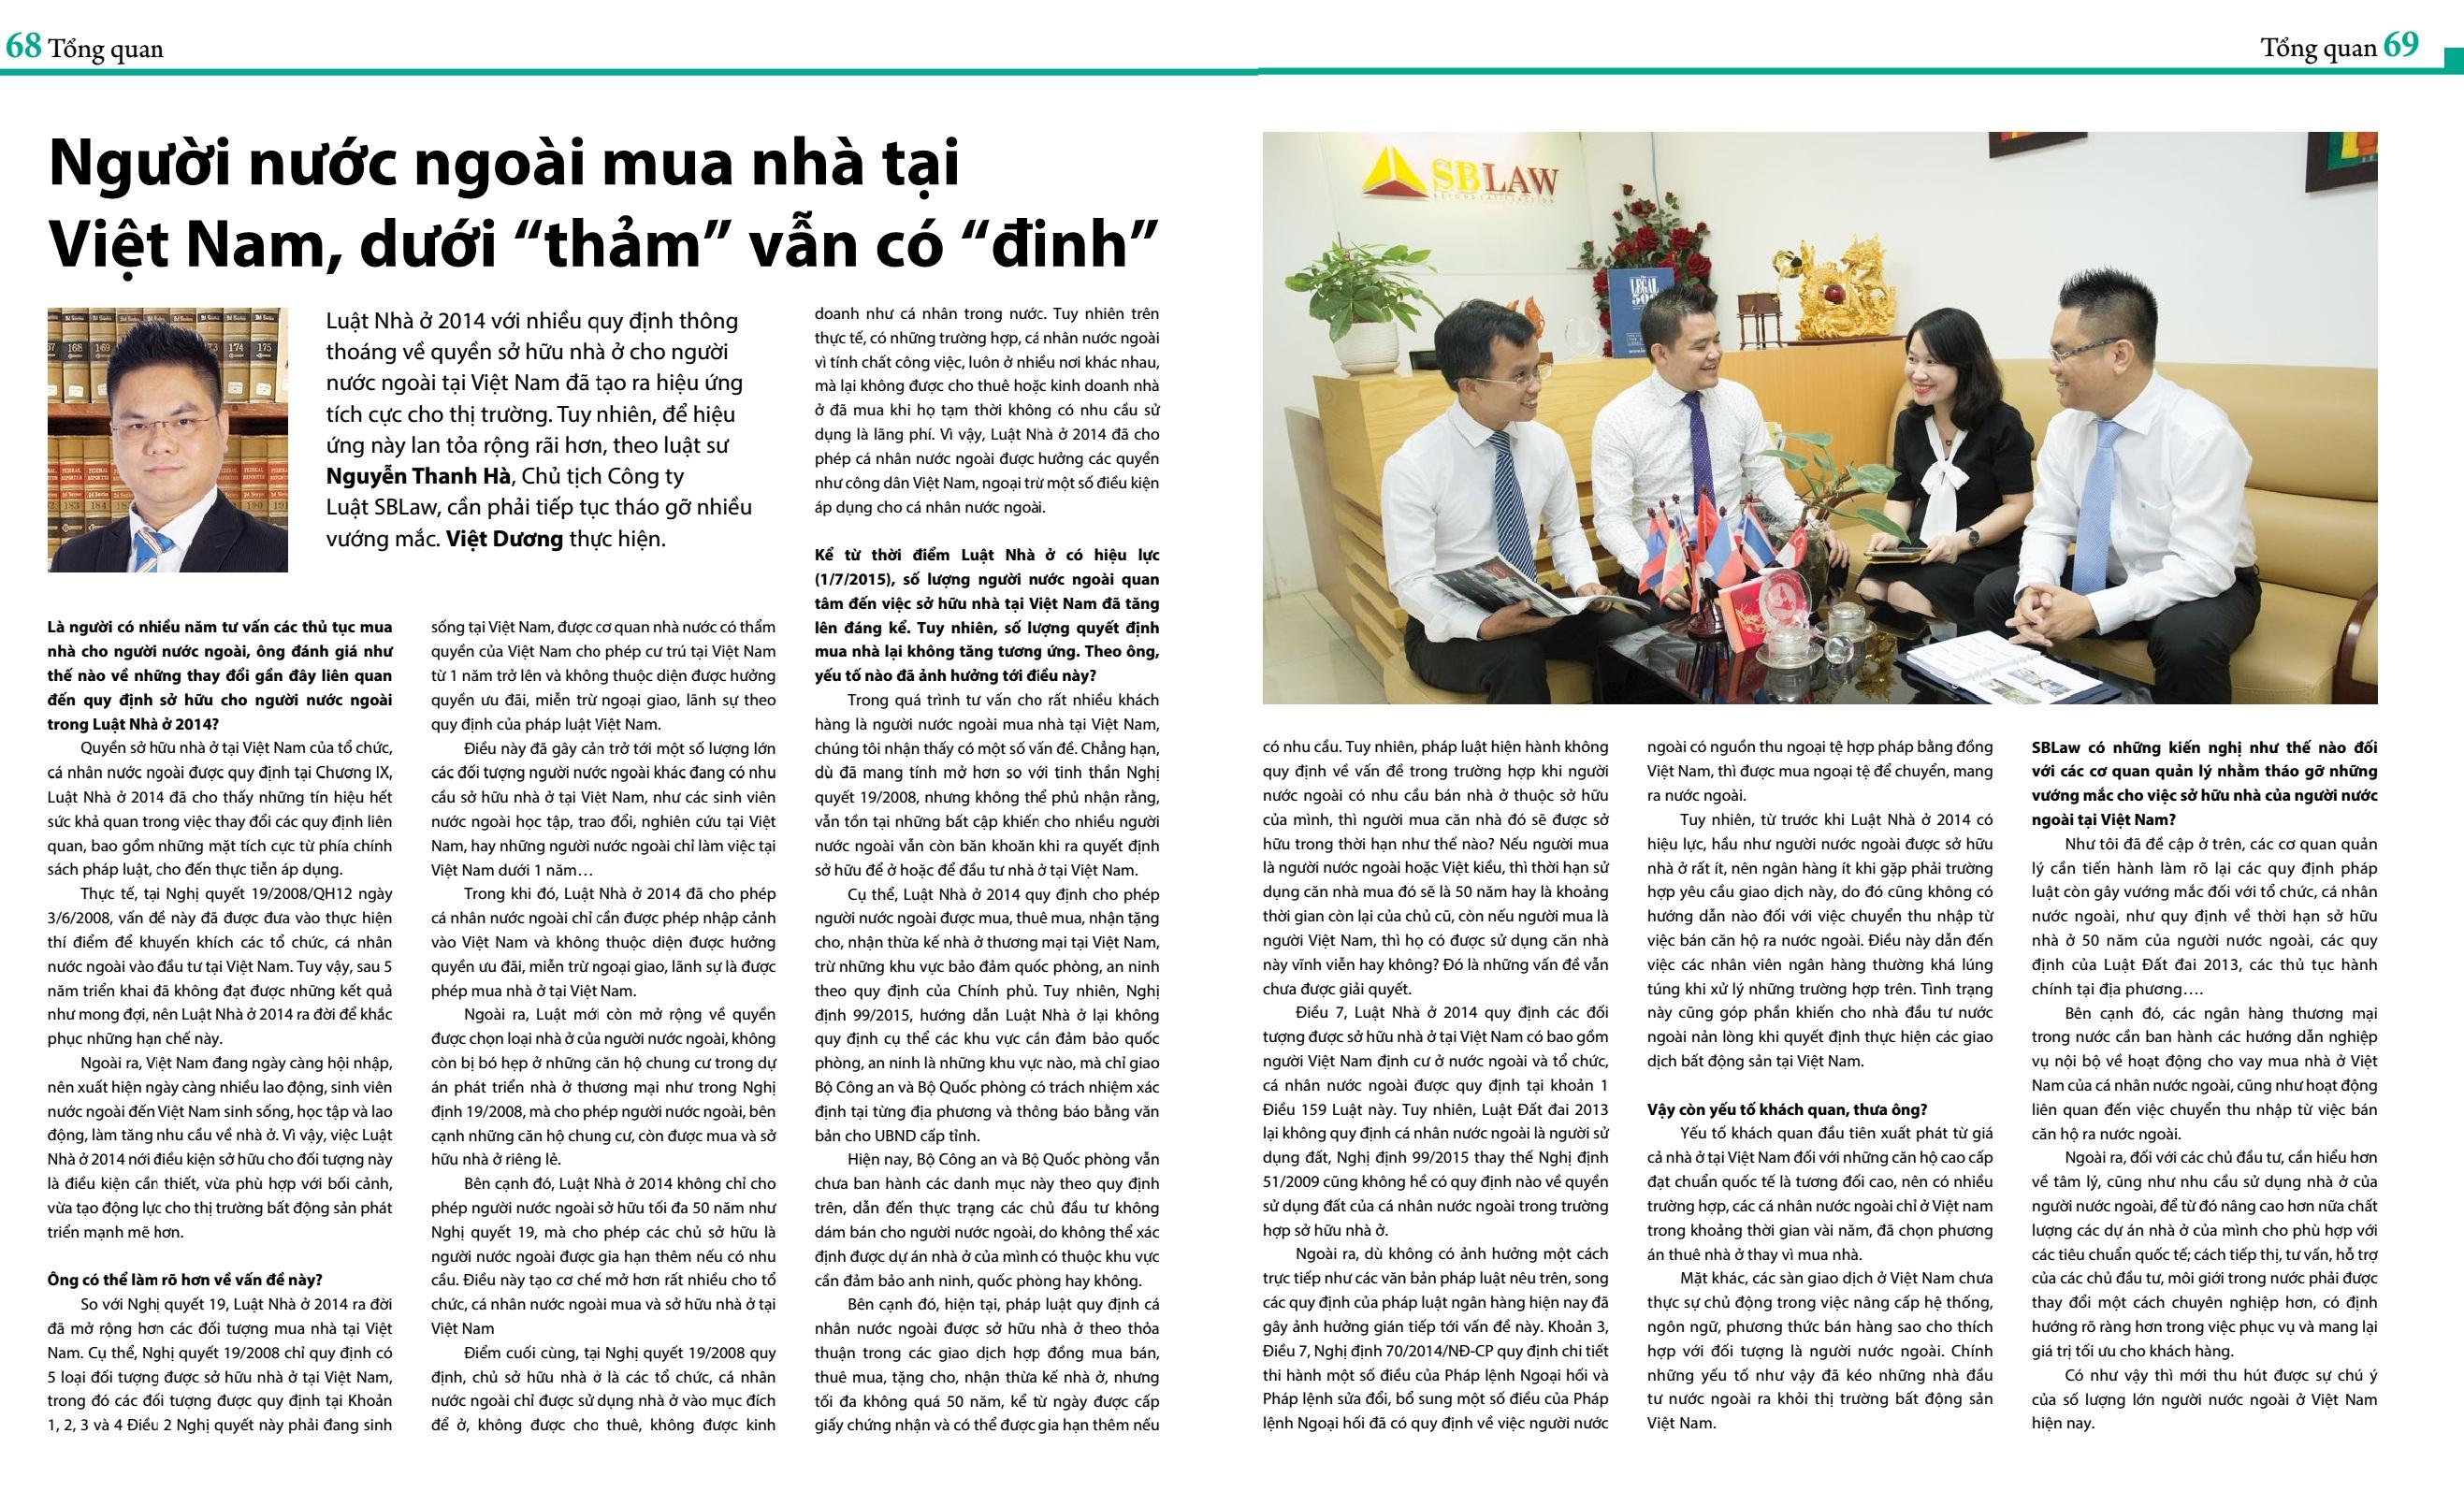 """Người nước ngoài mua nhà tại Việt Nam, dưới """"thảm"""" vẫn có """"đinh""""."""